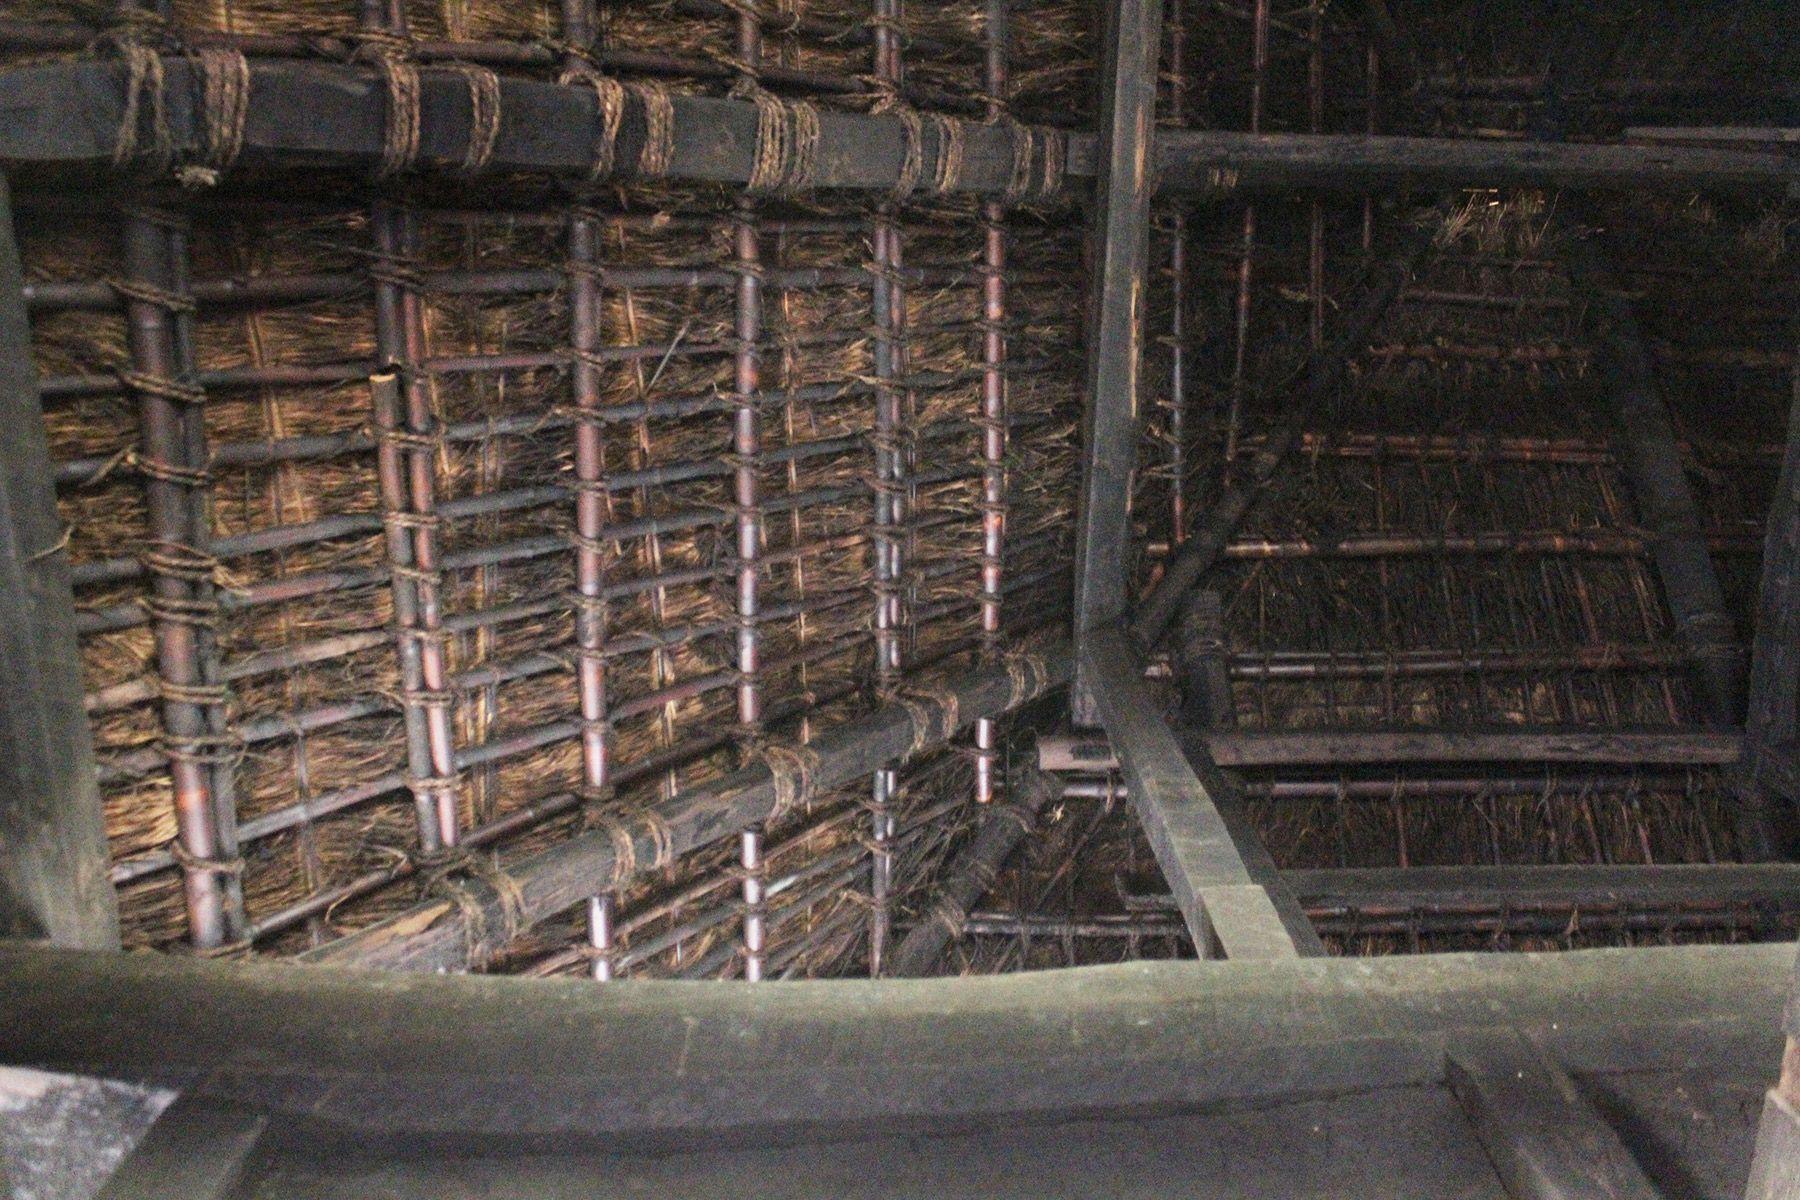 古民家スタジオ 火林荘(かりんそう)室内 天井